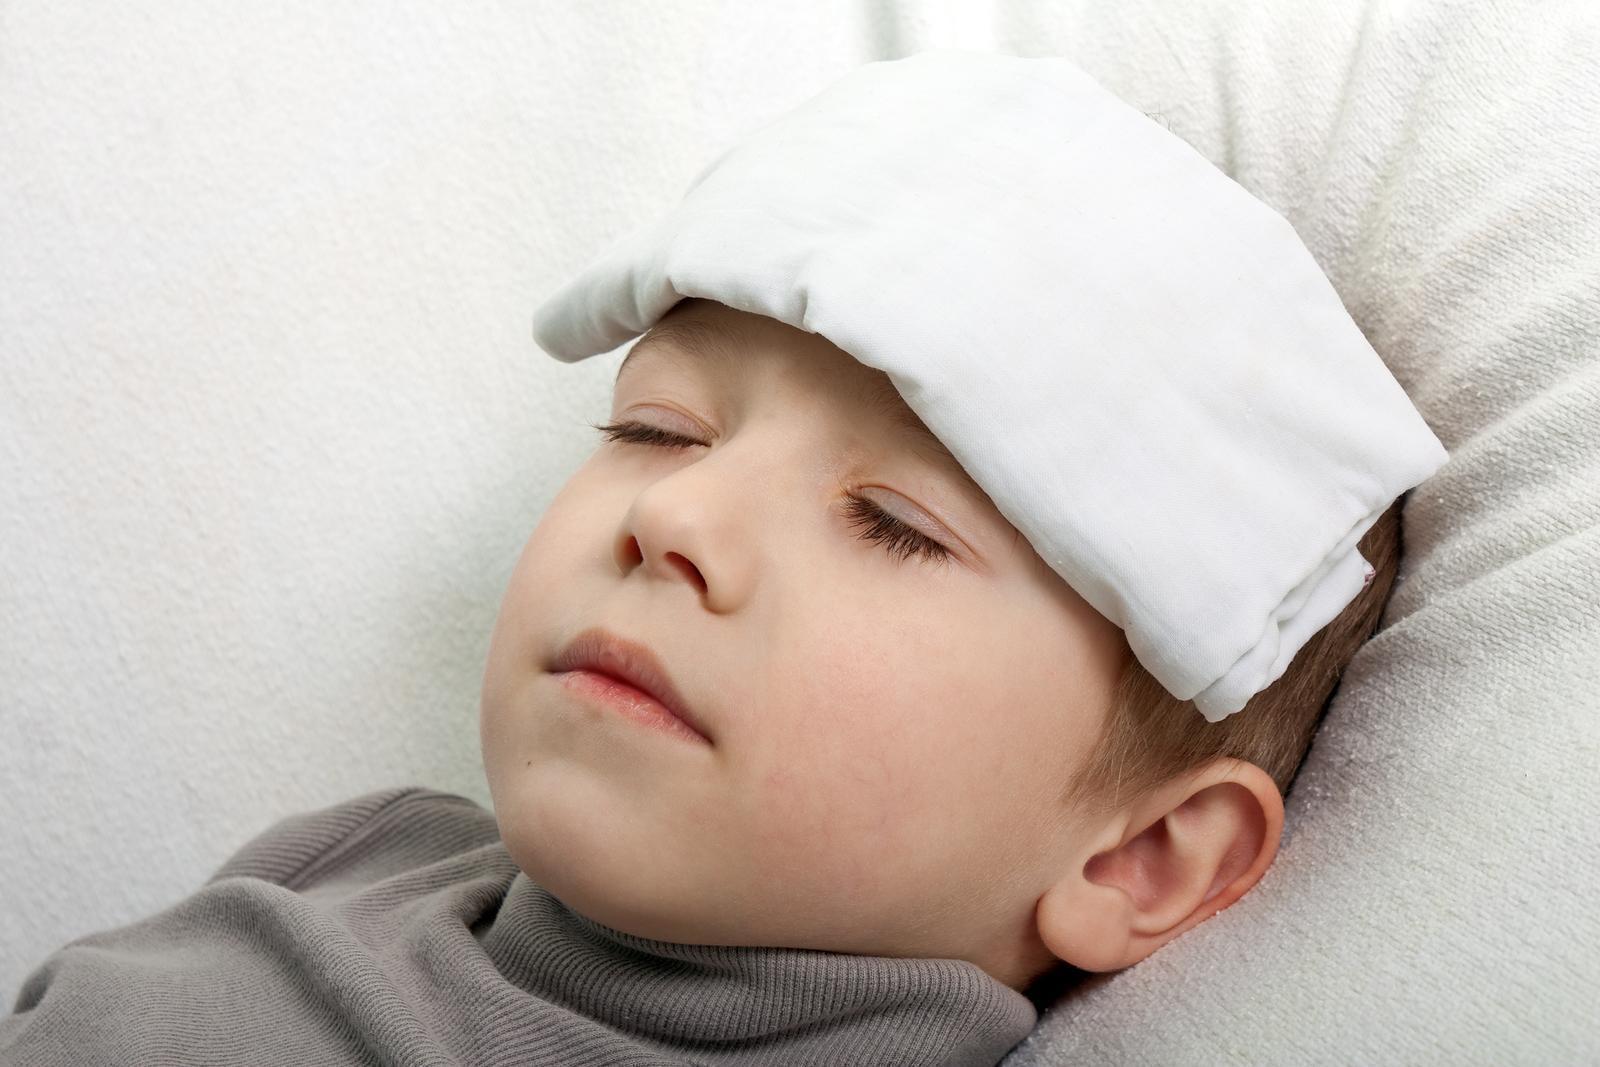 Baixar a Febre – Dicas Caseiras Para Baixar Febre Alta em Adultos, Crianças e Bebês